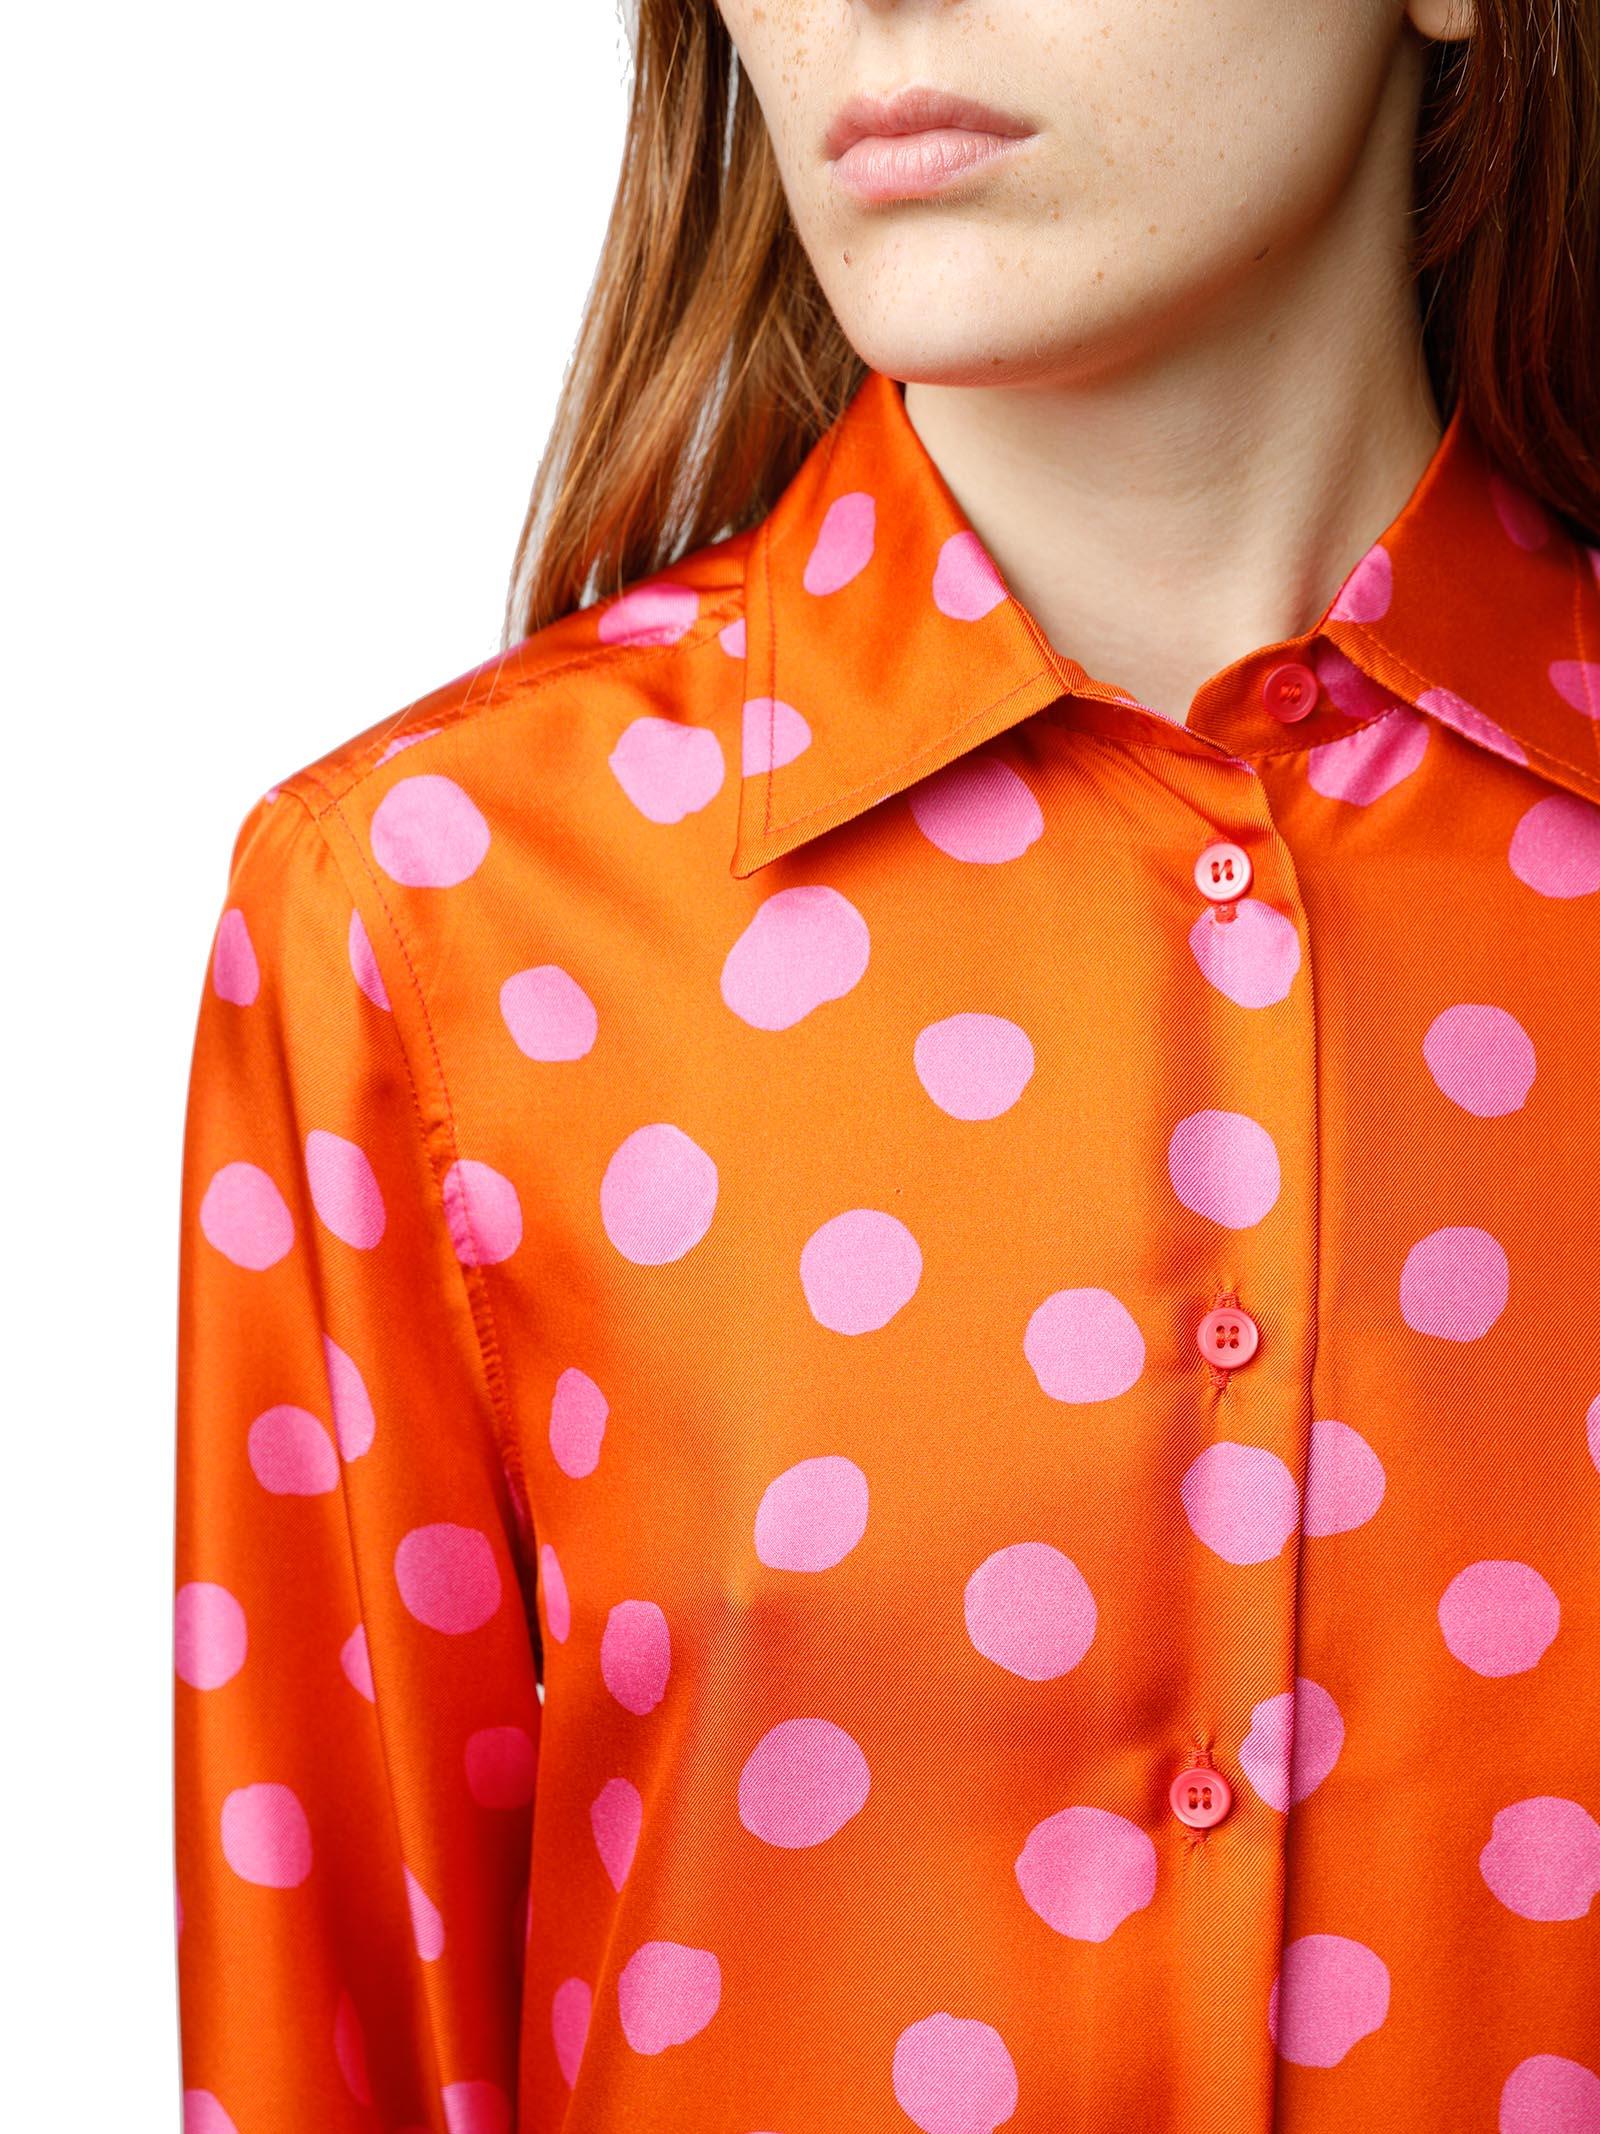 Abbigliamento Donna Camicia Silk Twill Tale in Seta Rossa e Rosa a Maniche Lunghe Maliparmi   Camicie e Top   JM214430112A3095